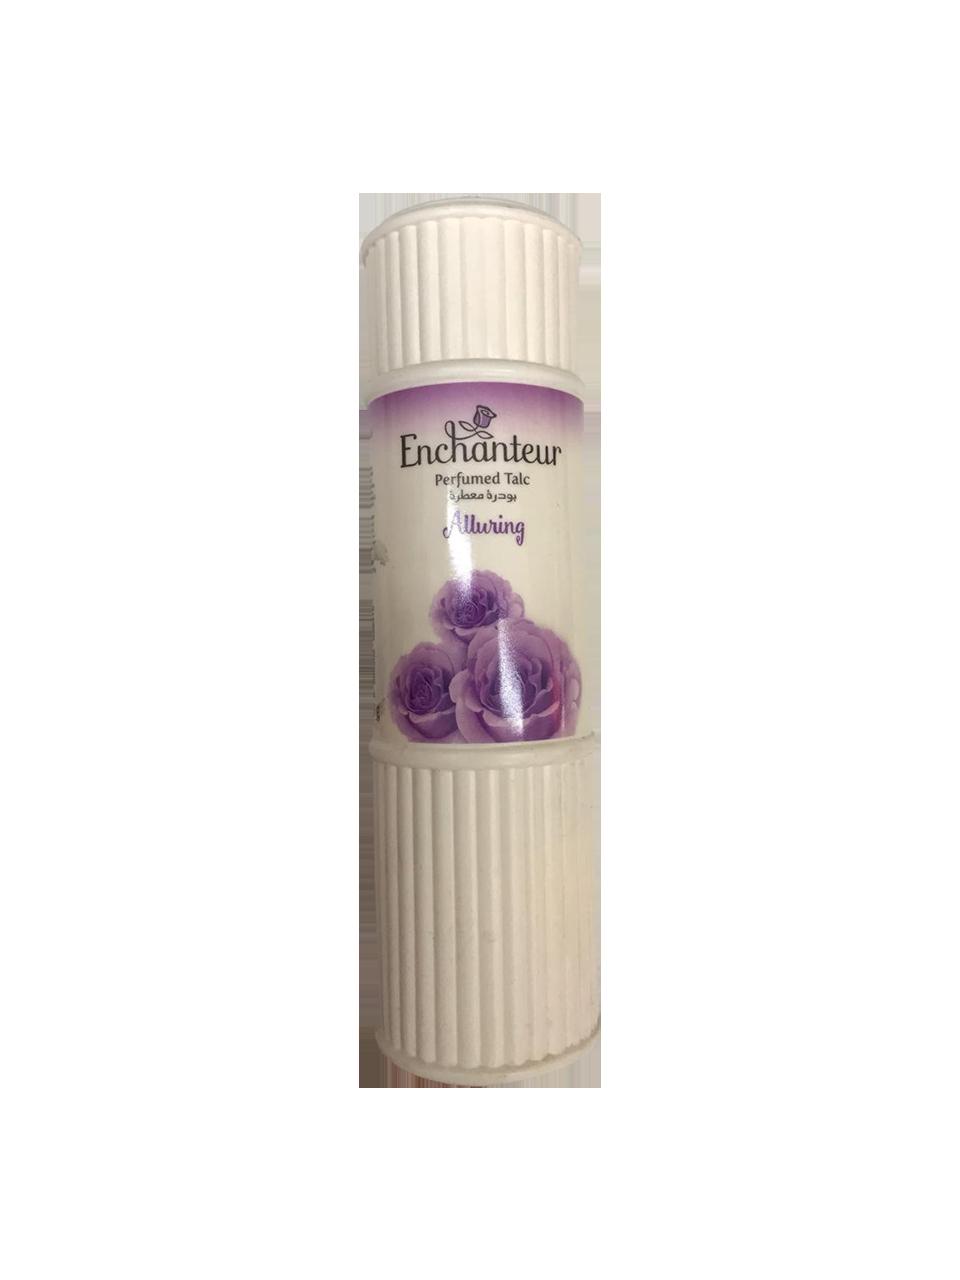 Enchanteur Perfumed Talc Alluring 125g